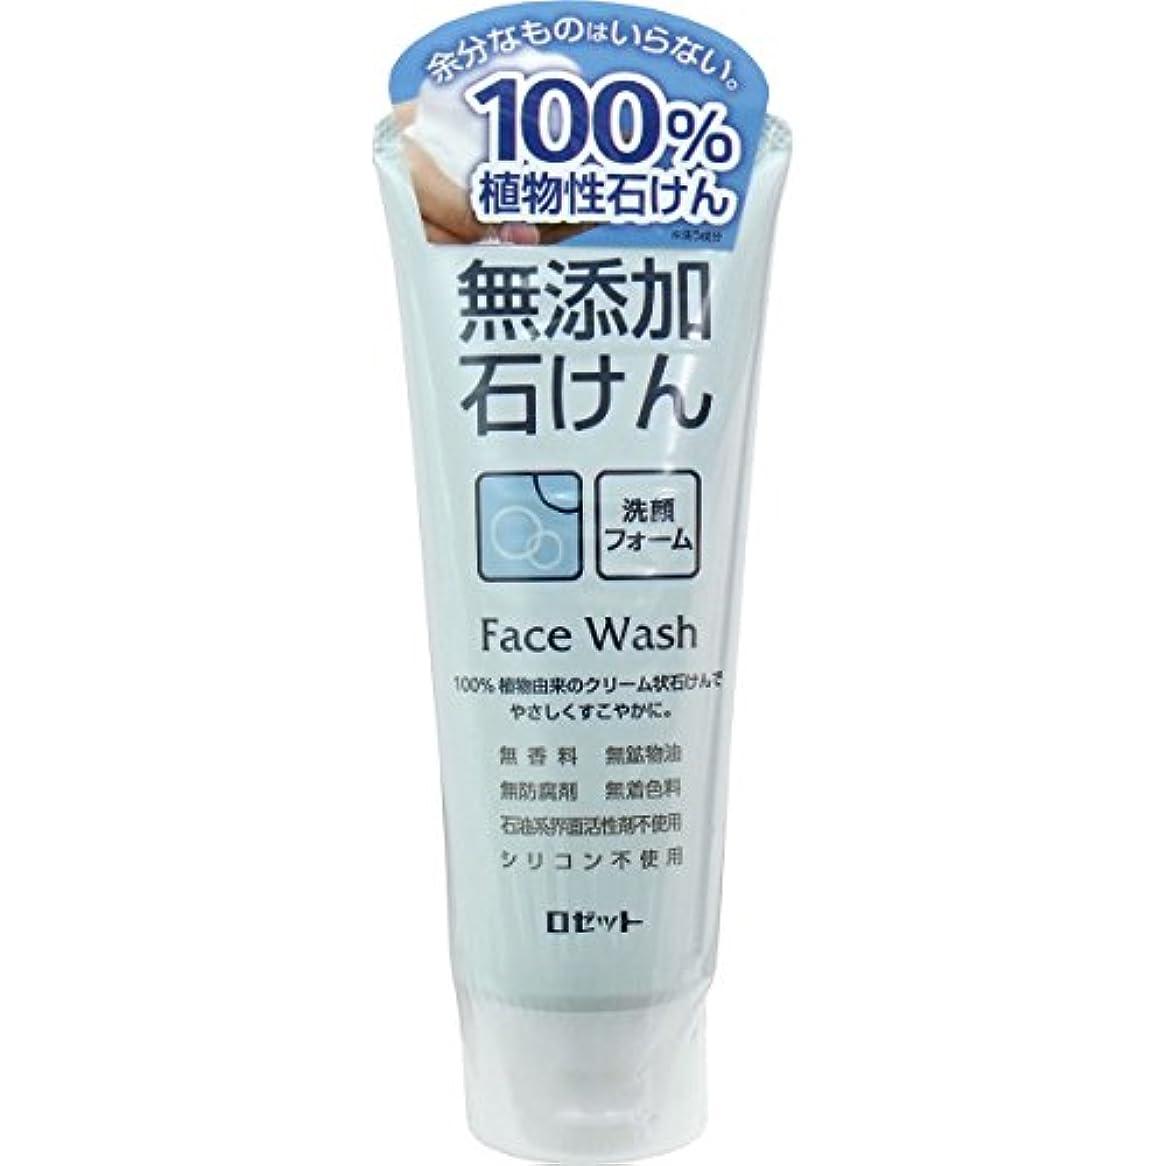 処理実際に神秘的な【ロゼット】無添加石けん 洗顔フォーム 140g ×10個セット